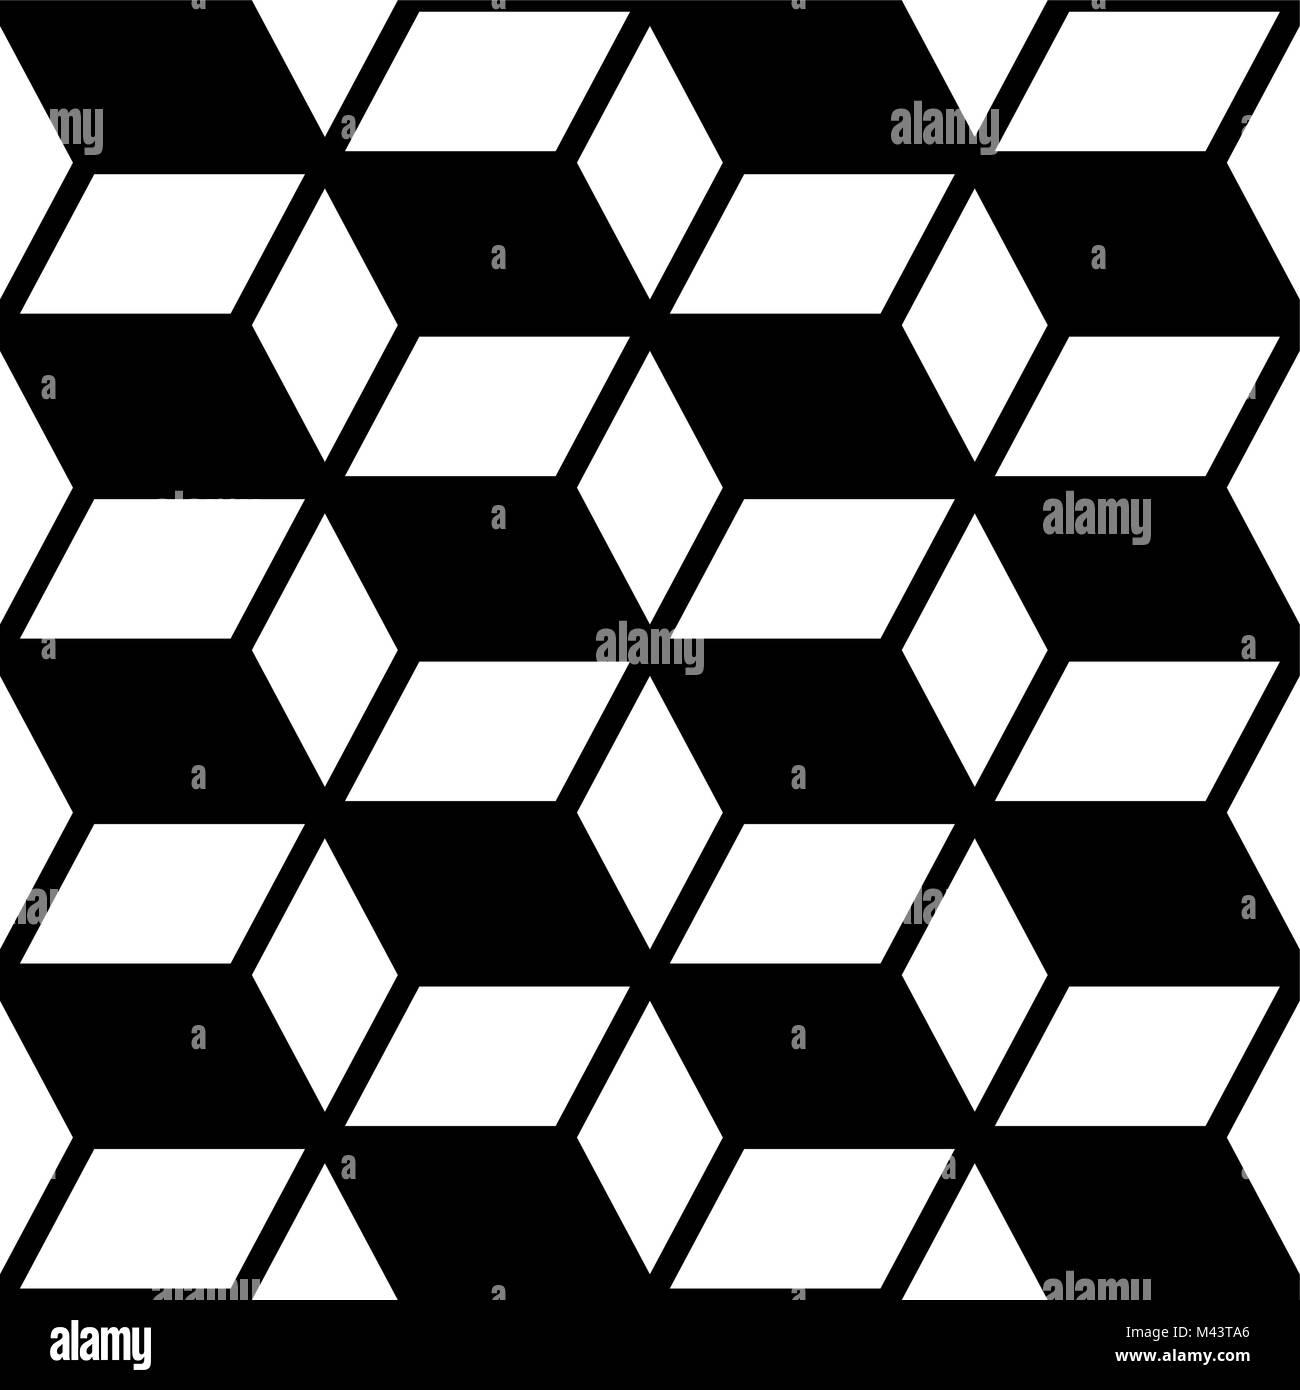 Disegni Geometrici Bianco E Nero geometrica astratta seamless disegno vettoriale, moderno